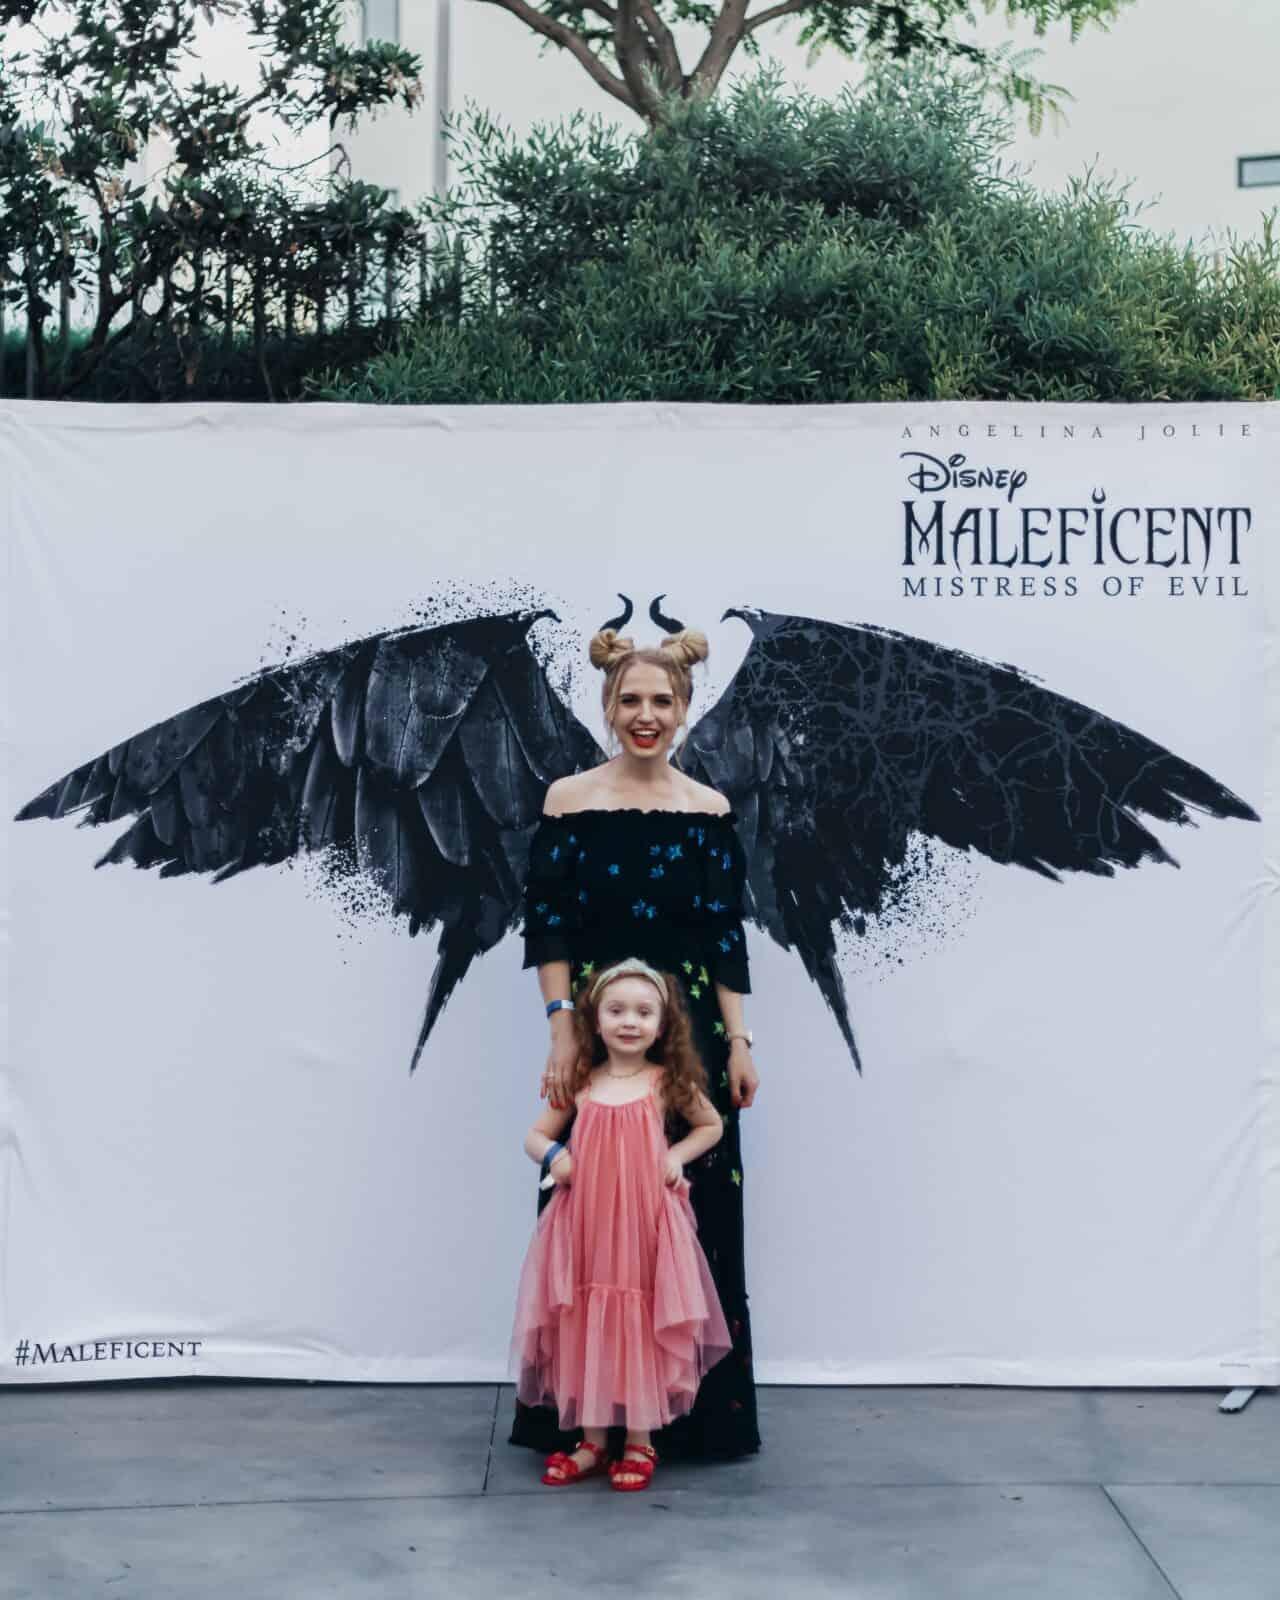 Maleficent Mistress Of Evil Screening At IMAX Headquarters